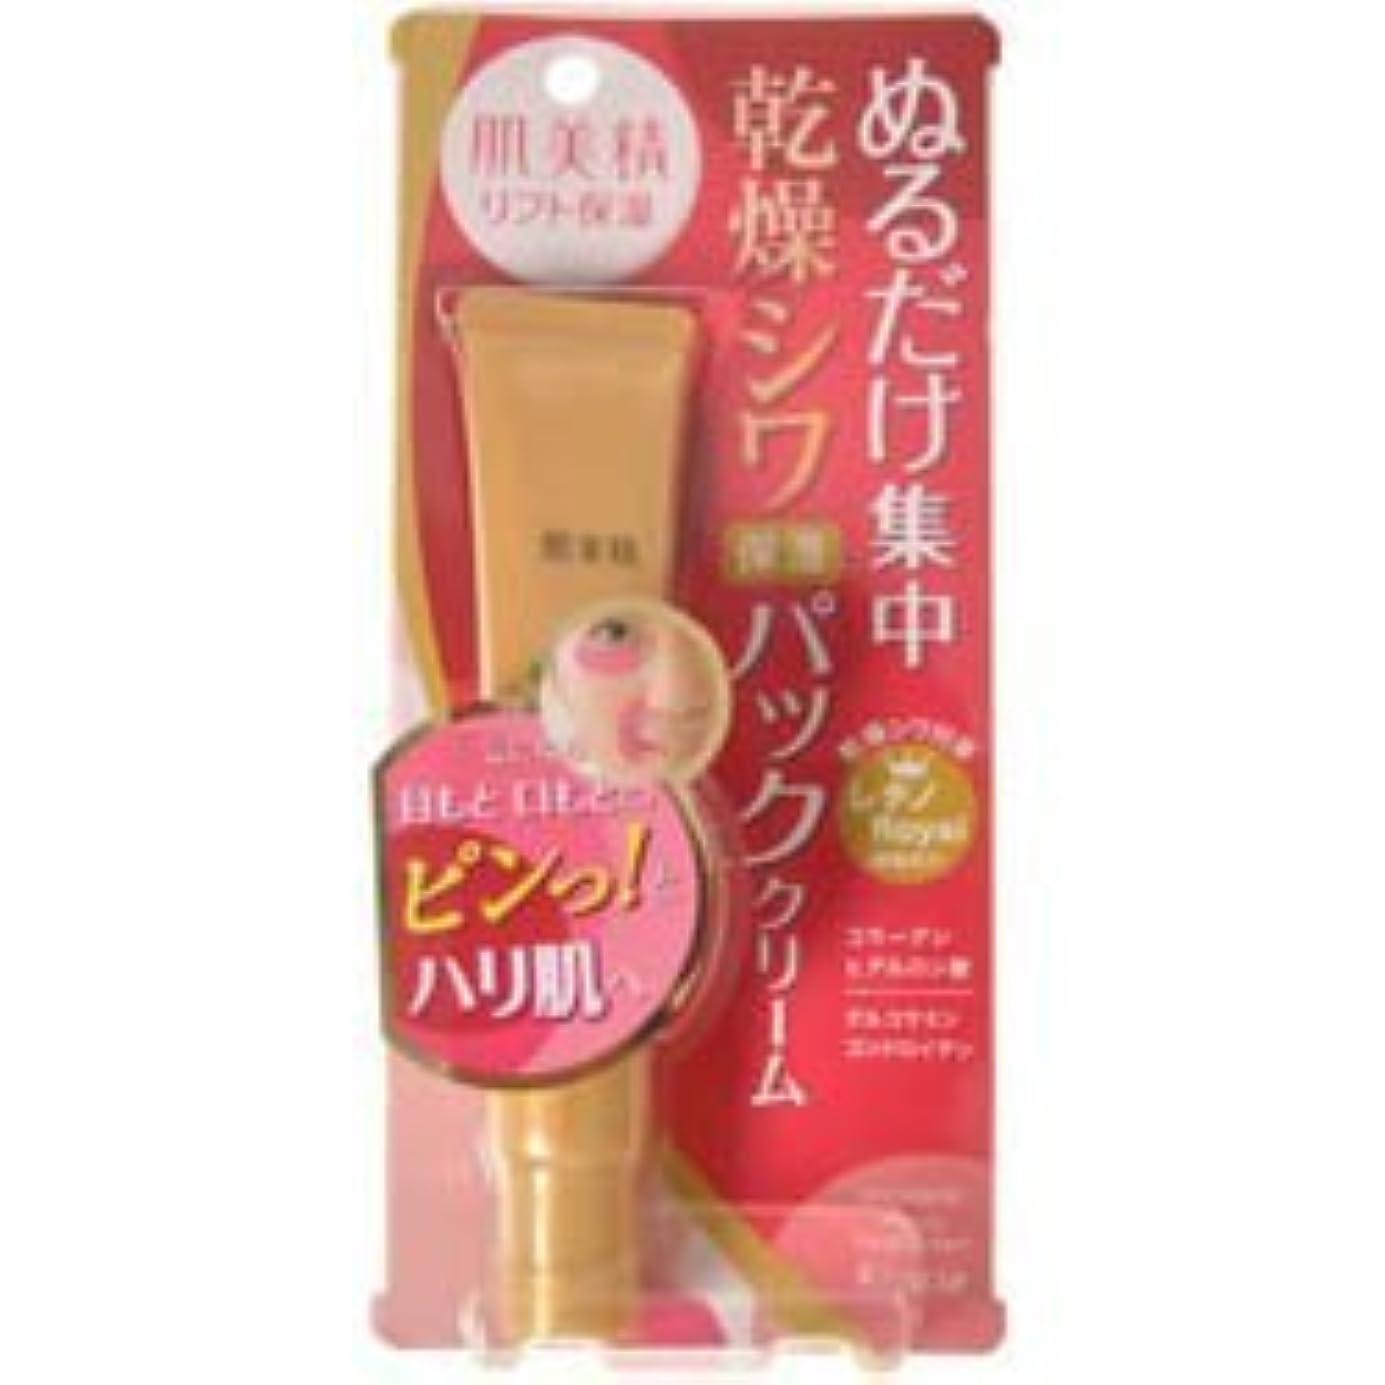 手首そう反対する【クラシエ】肌美精 リフト保湿リンクルパッククリーム 30g ×5個セット